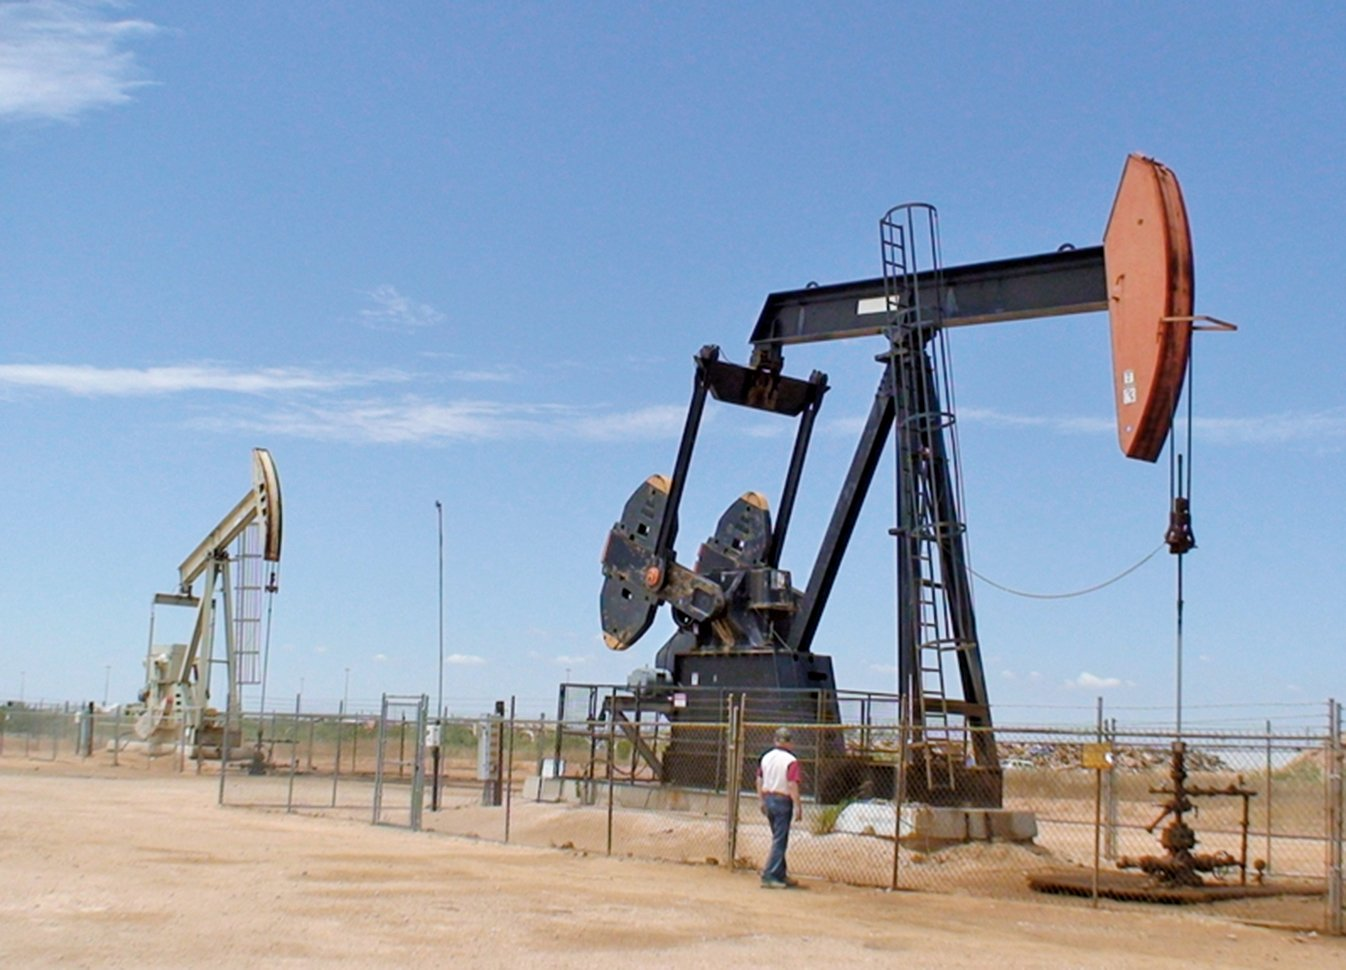 美國有望超越沙地阿拉伯和俄羅斯成為世界上最大的石油生產國。圖為美國德州米德蘭郡油井。(AFP)